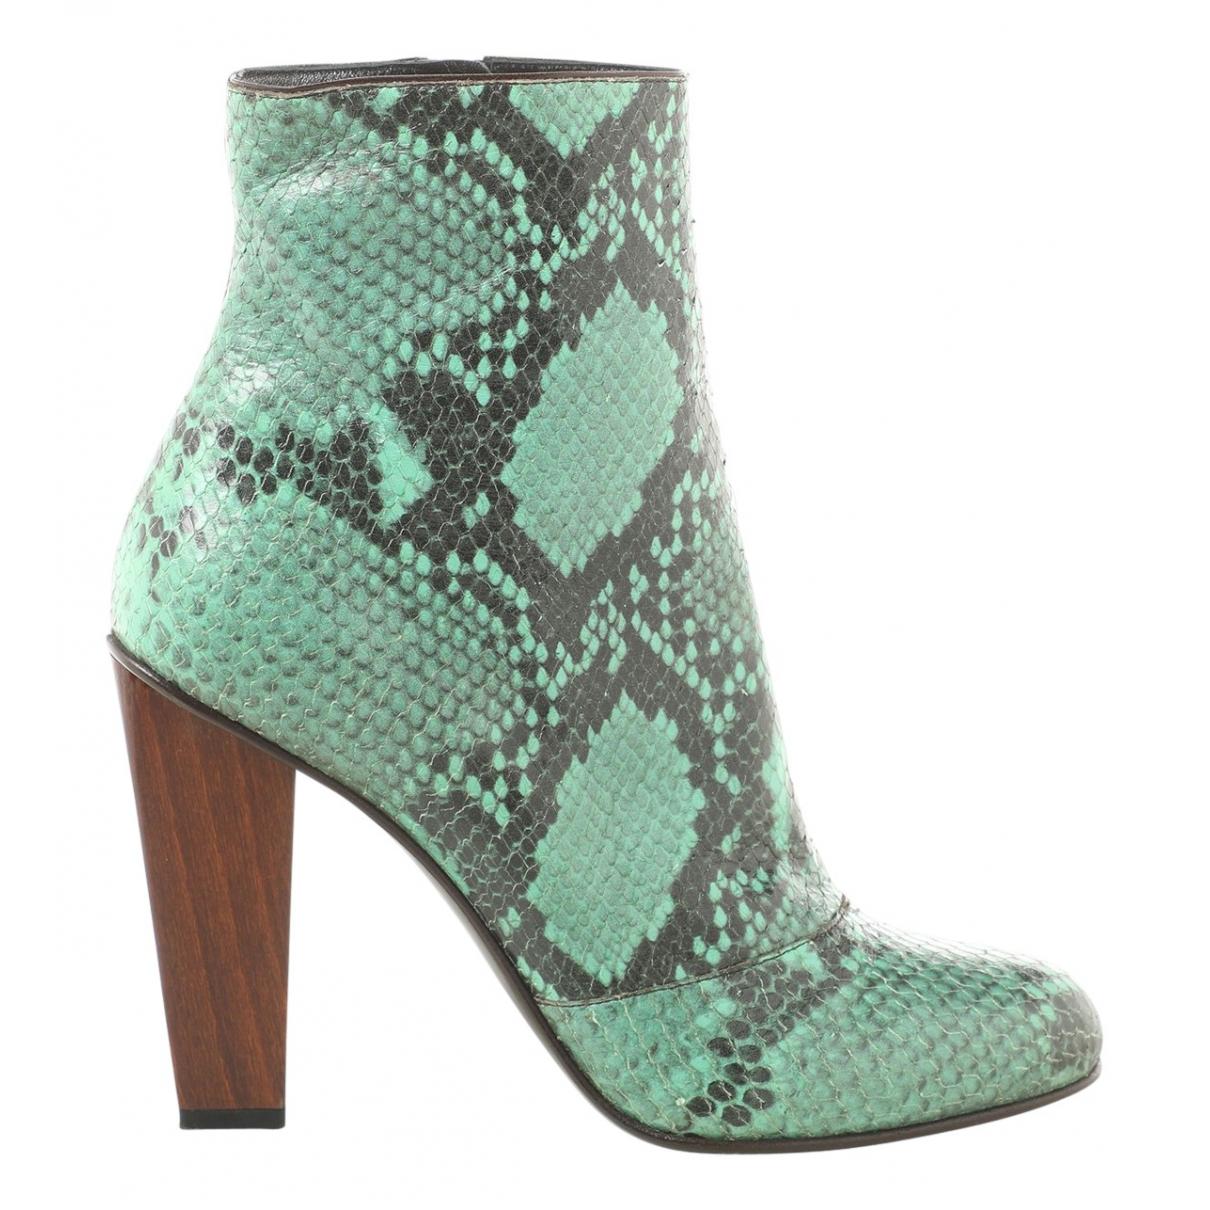 Dries Van Noten - Boots   pour femme en cuir - vert